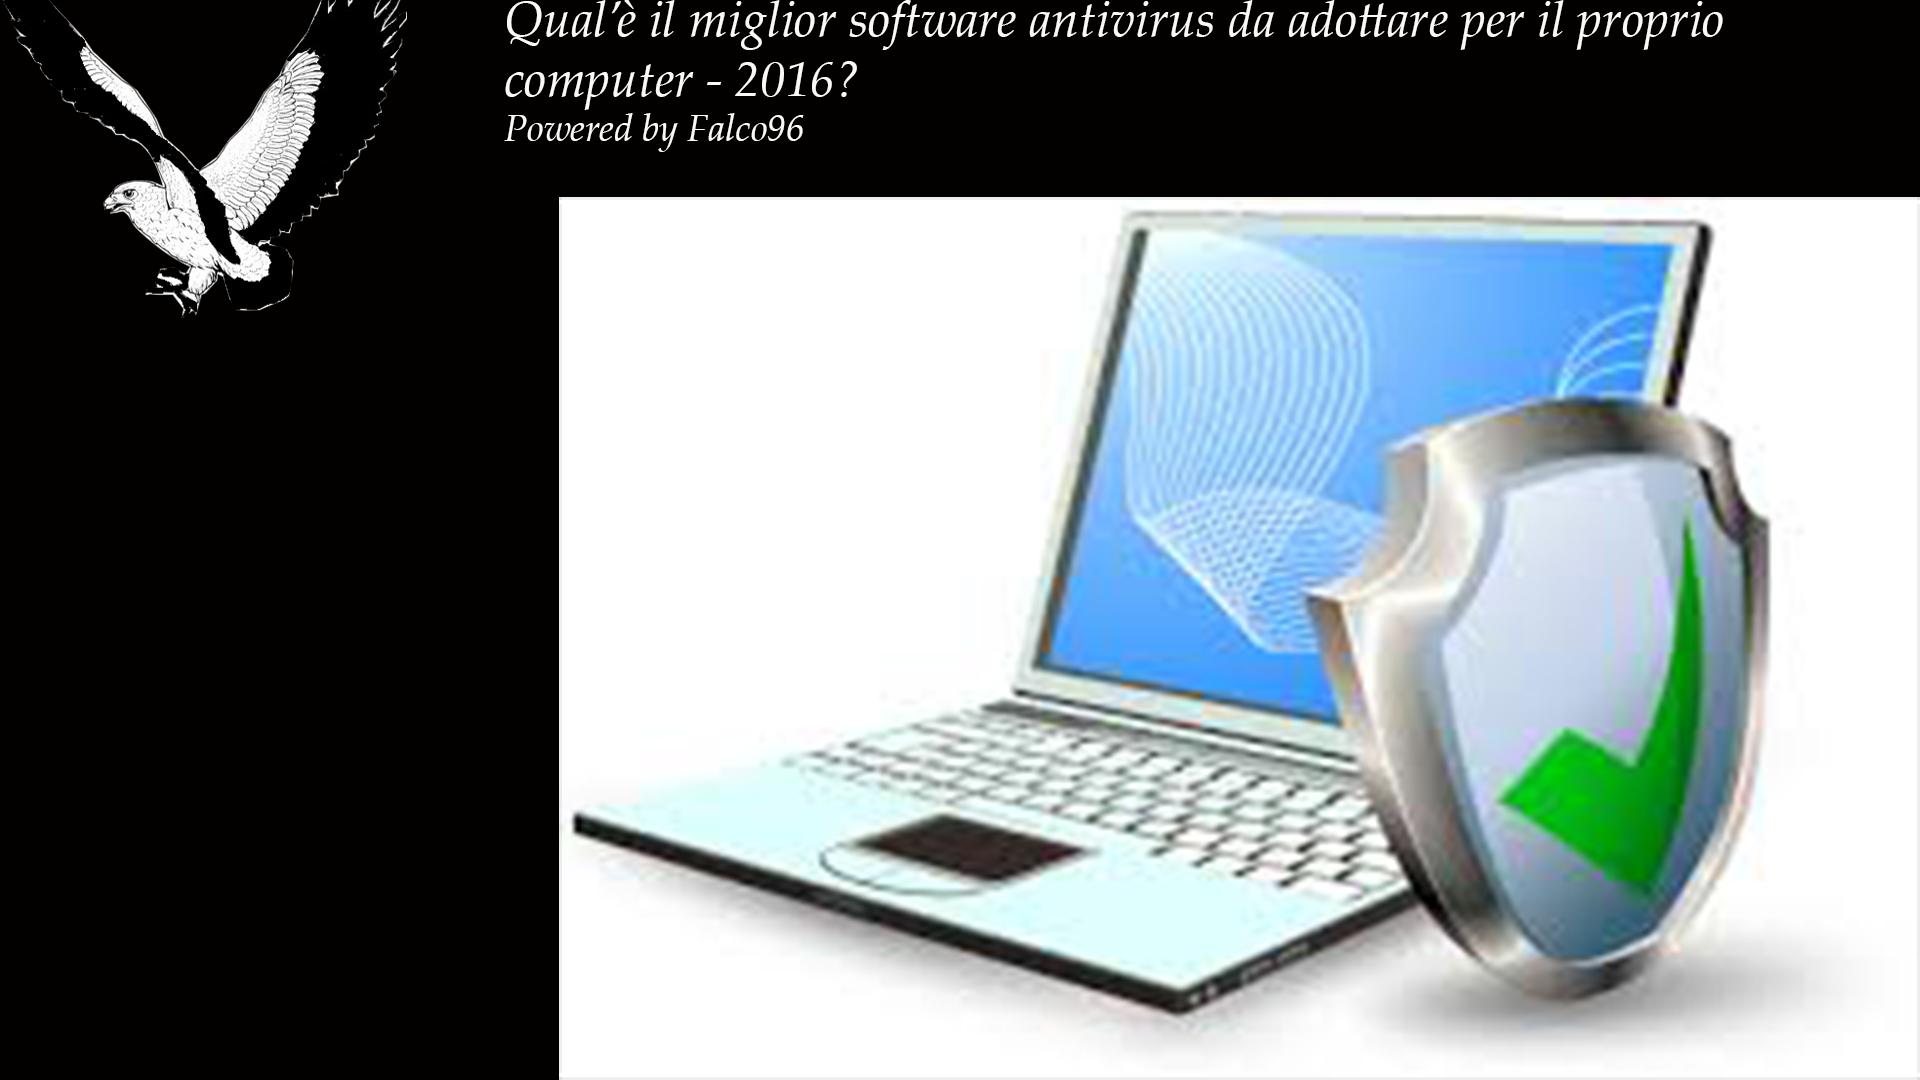 Che antivirus scegliere per il proprio computer – 2016